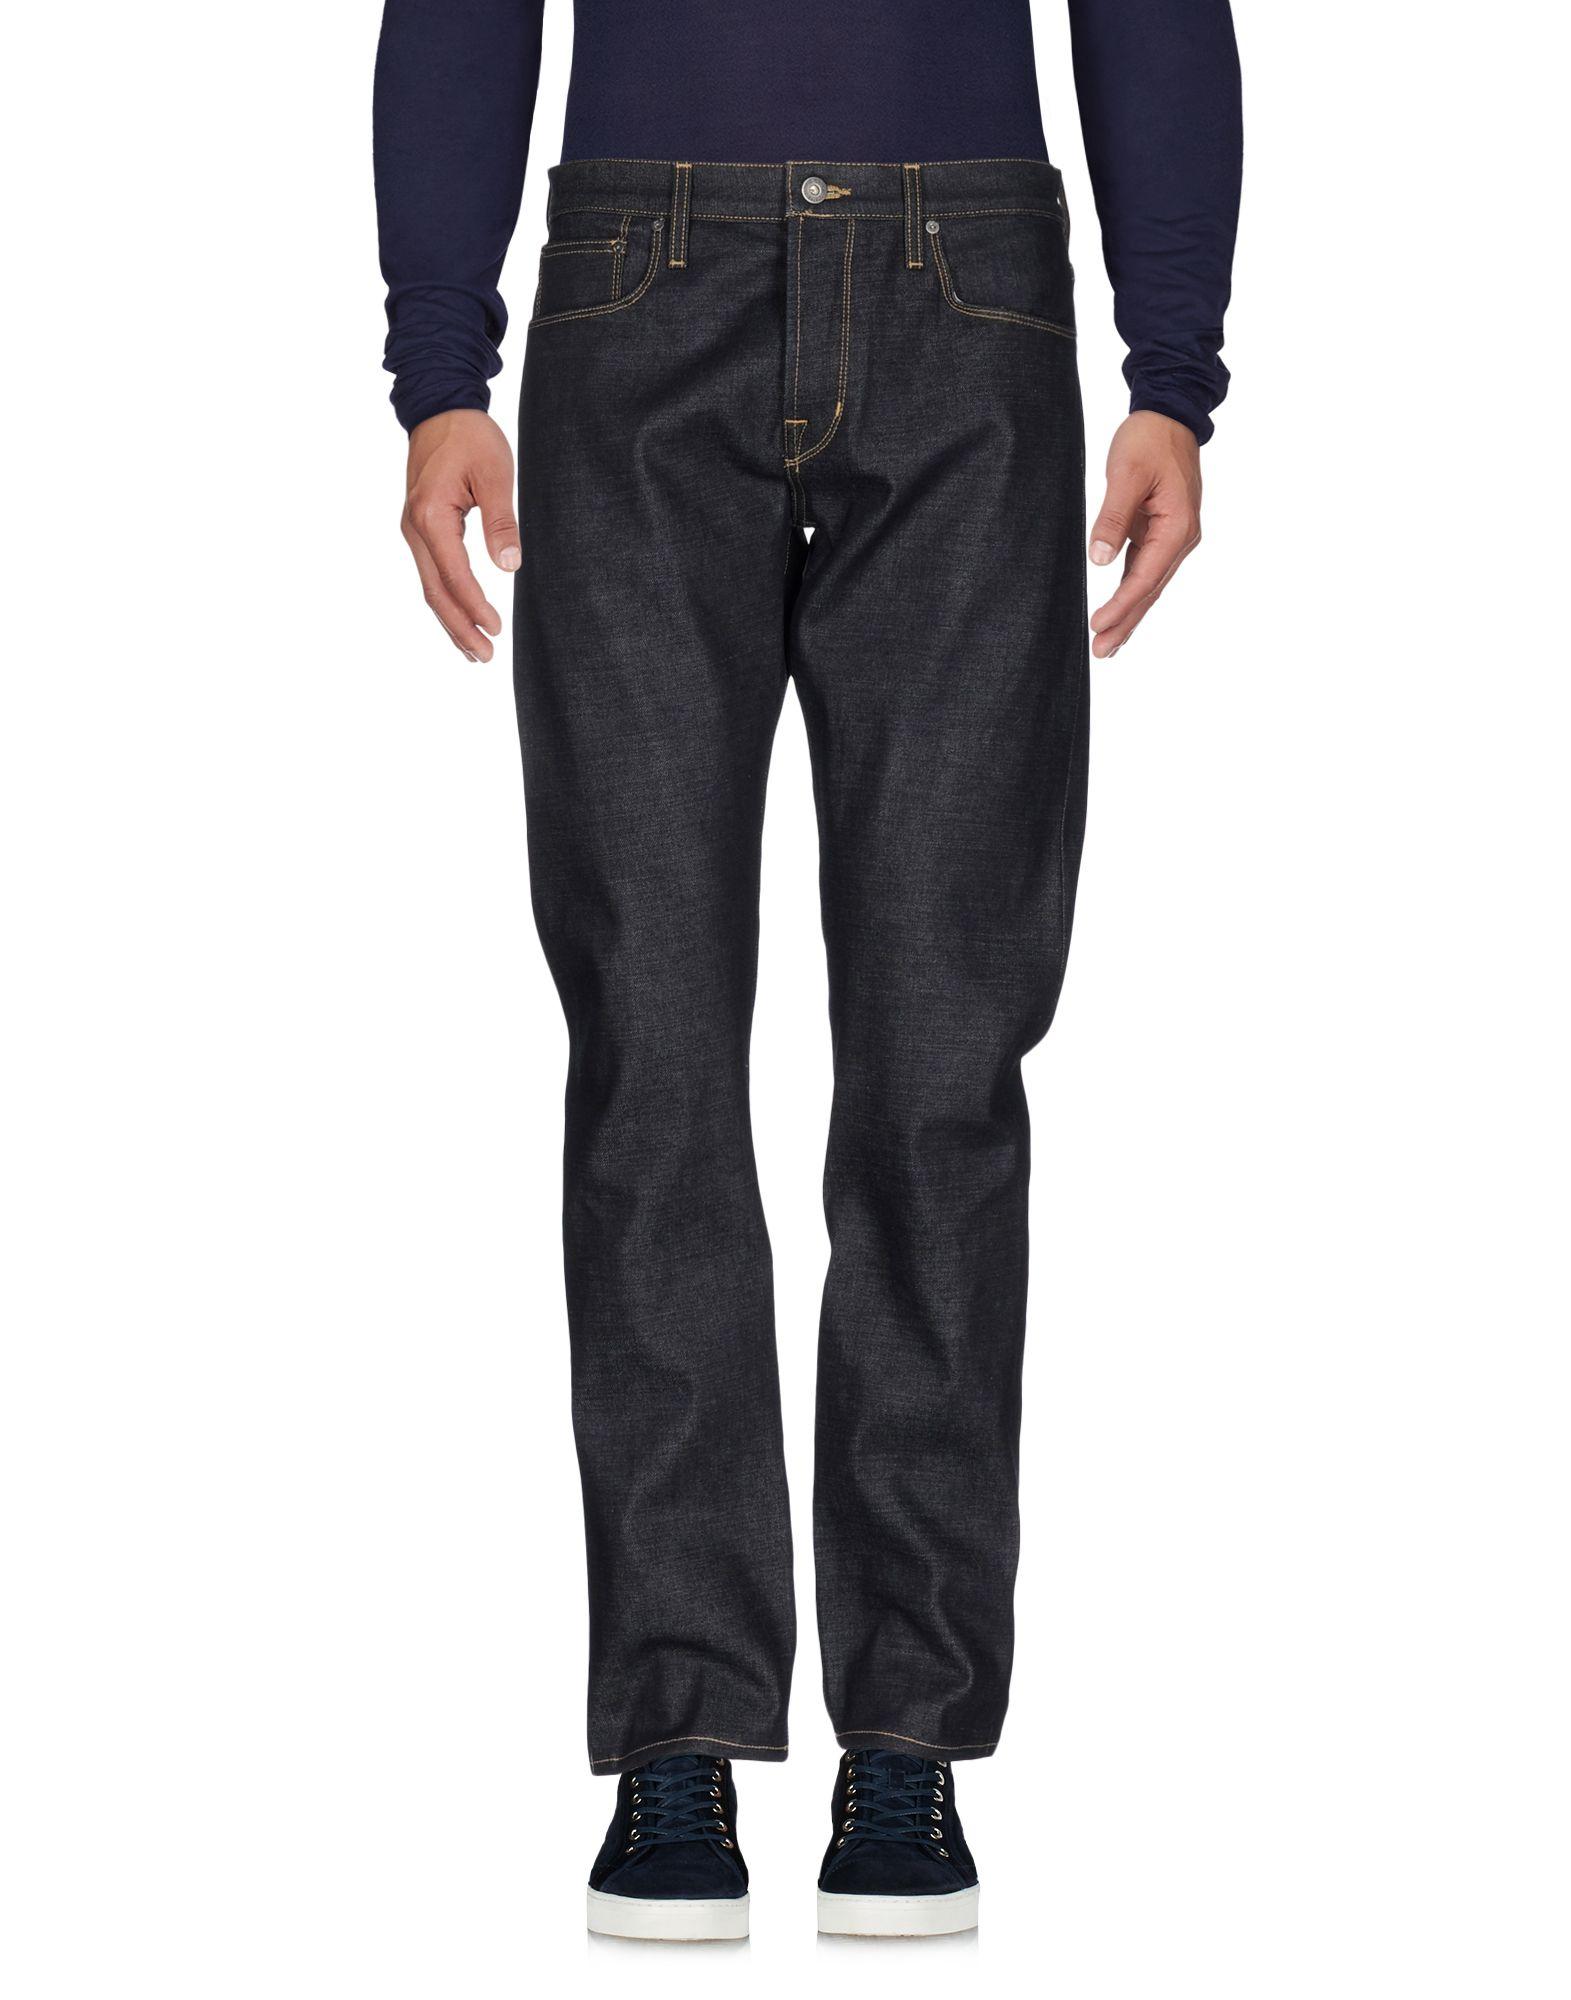 CURRENT/ELLIOTT Herren Jeanshose Farbe Blau Größe 3